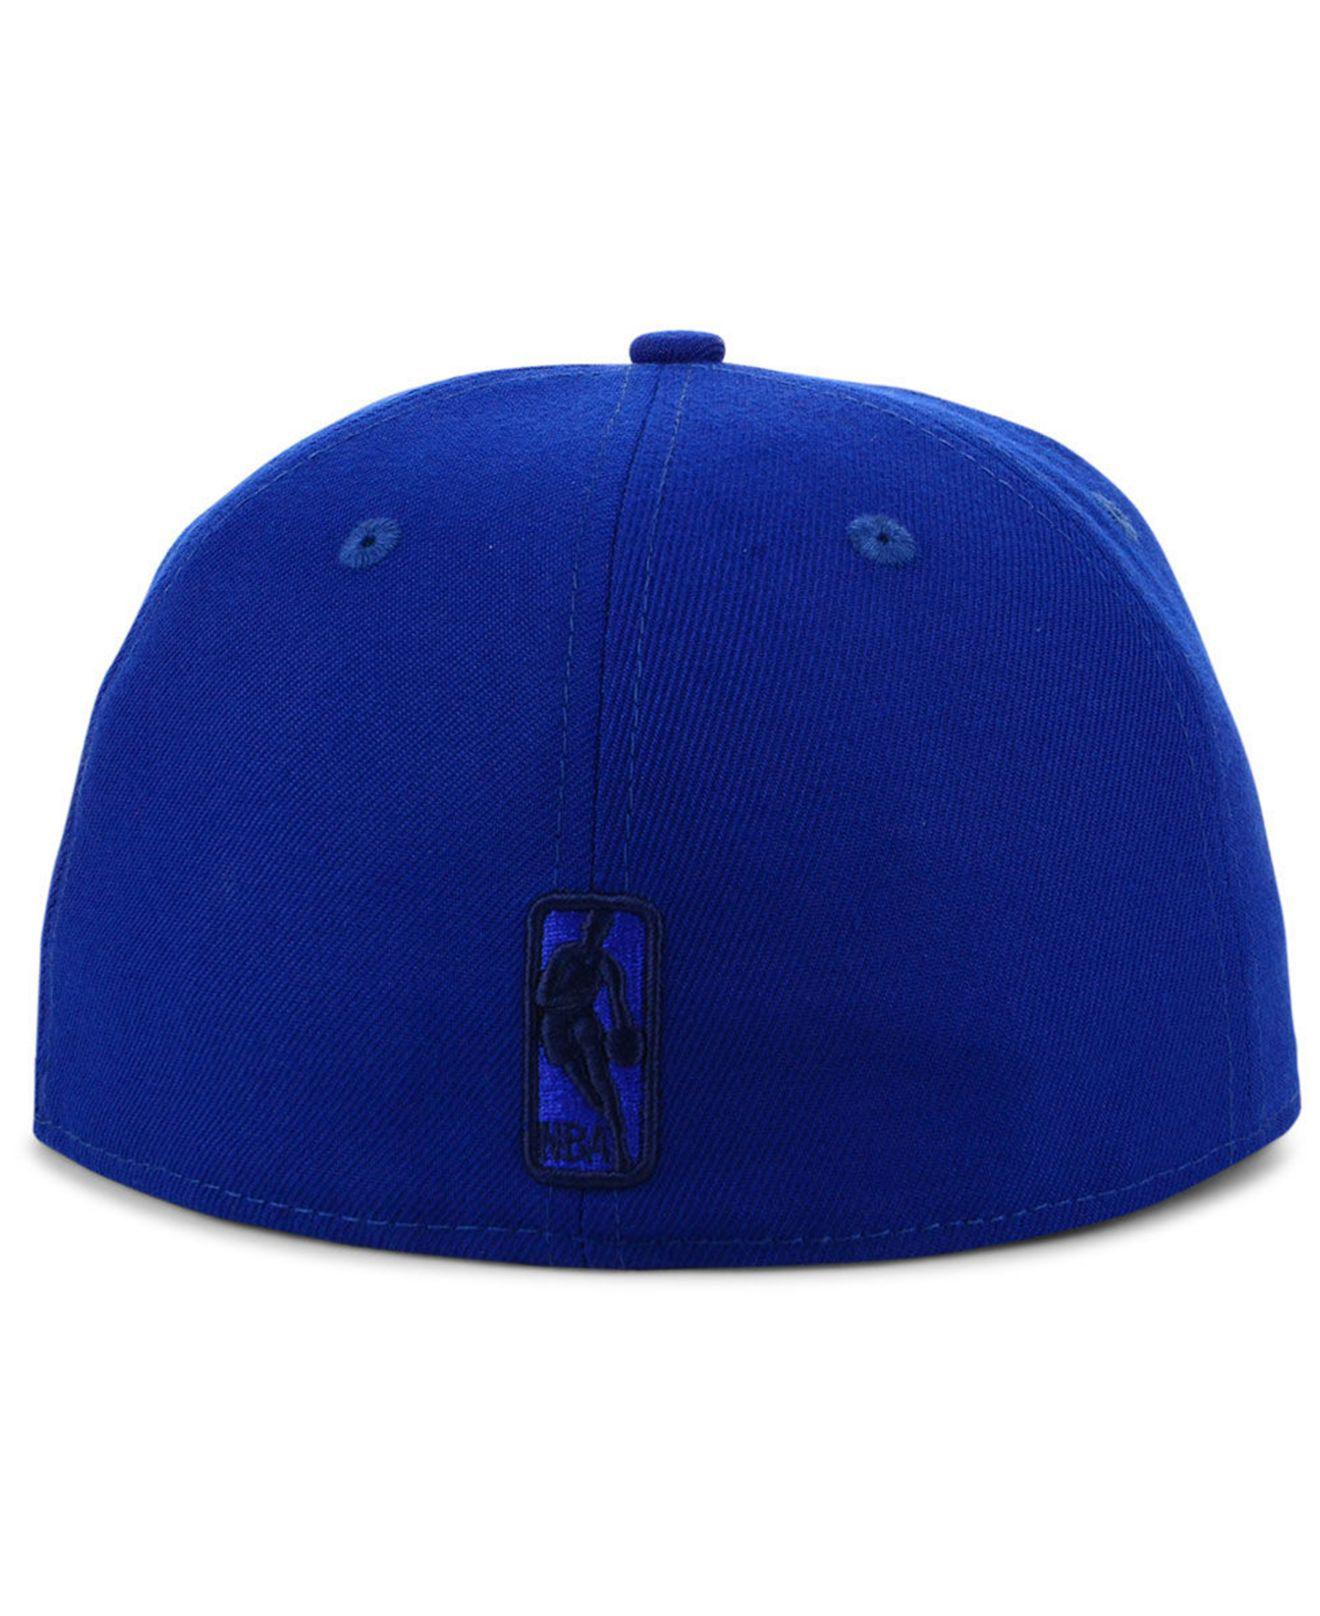 sale retailer c7f16 88548 Lyst - KTZ Boston Celtics Color Prism Pack 59fifty Cap in Blue for Men